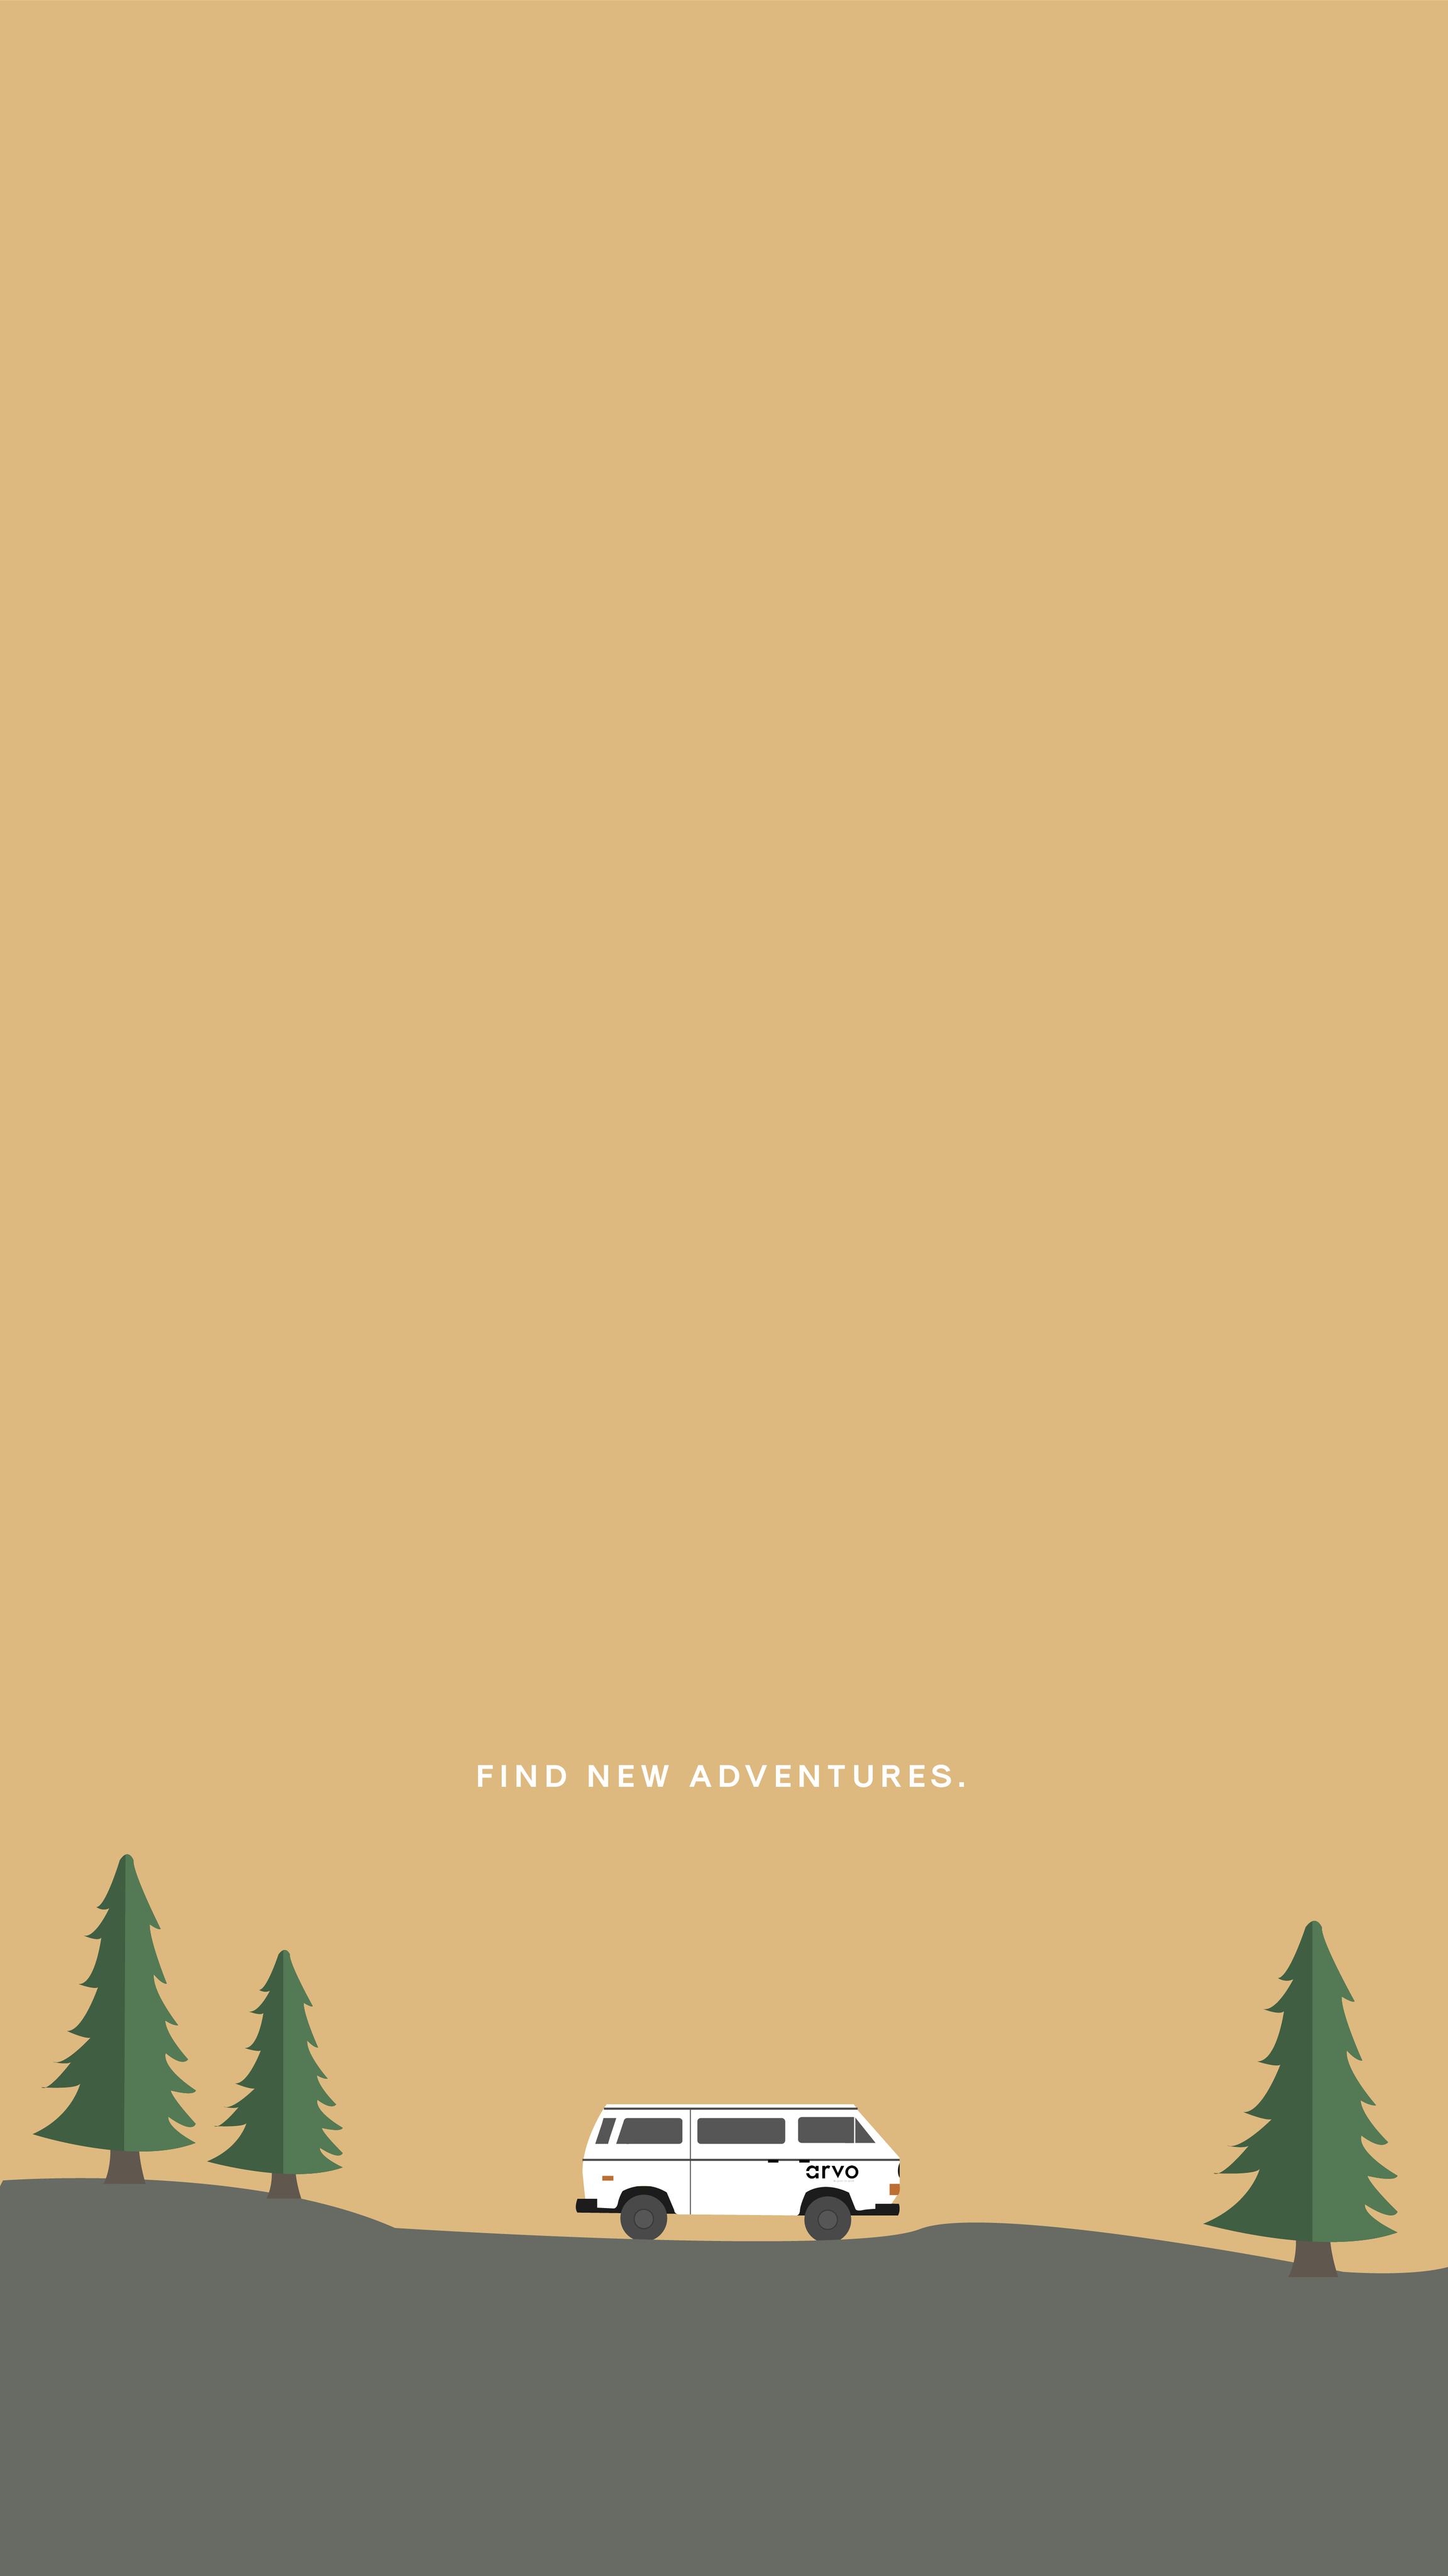 arvowear adventure camping summer forest van arvovan seeker 2303x4096